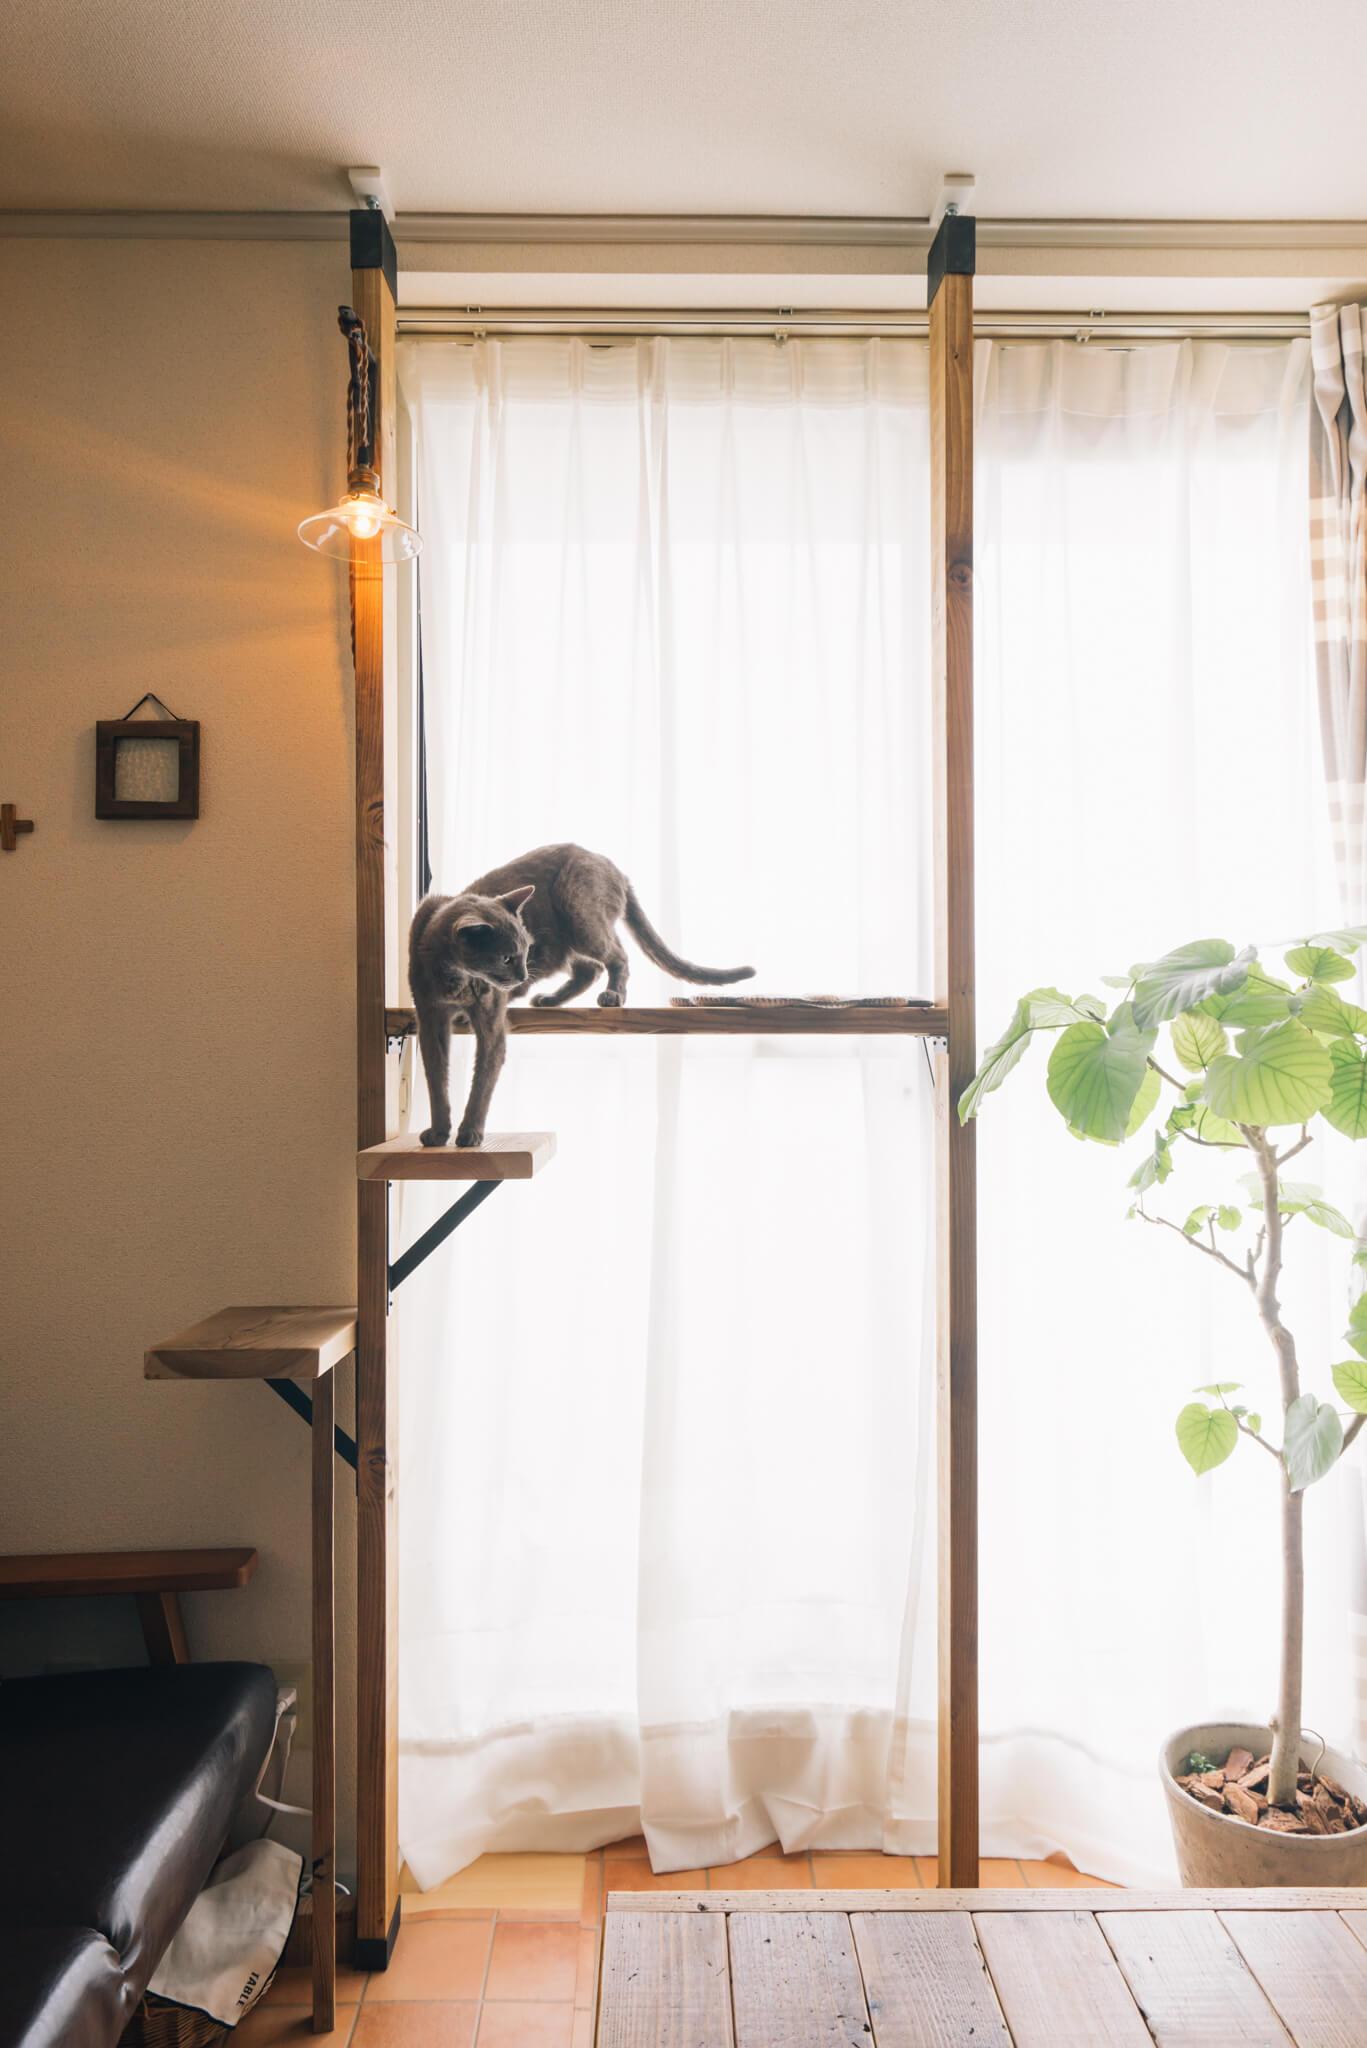 ホームセンターで手に入る2×4材と、ラブリコの突っ張るパーツを使って、窓際に簡単なキャットタワーを。特に猫を飼っていない私も、将来猫を飼うときにはぜひ真似したいと心にメモ。